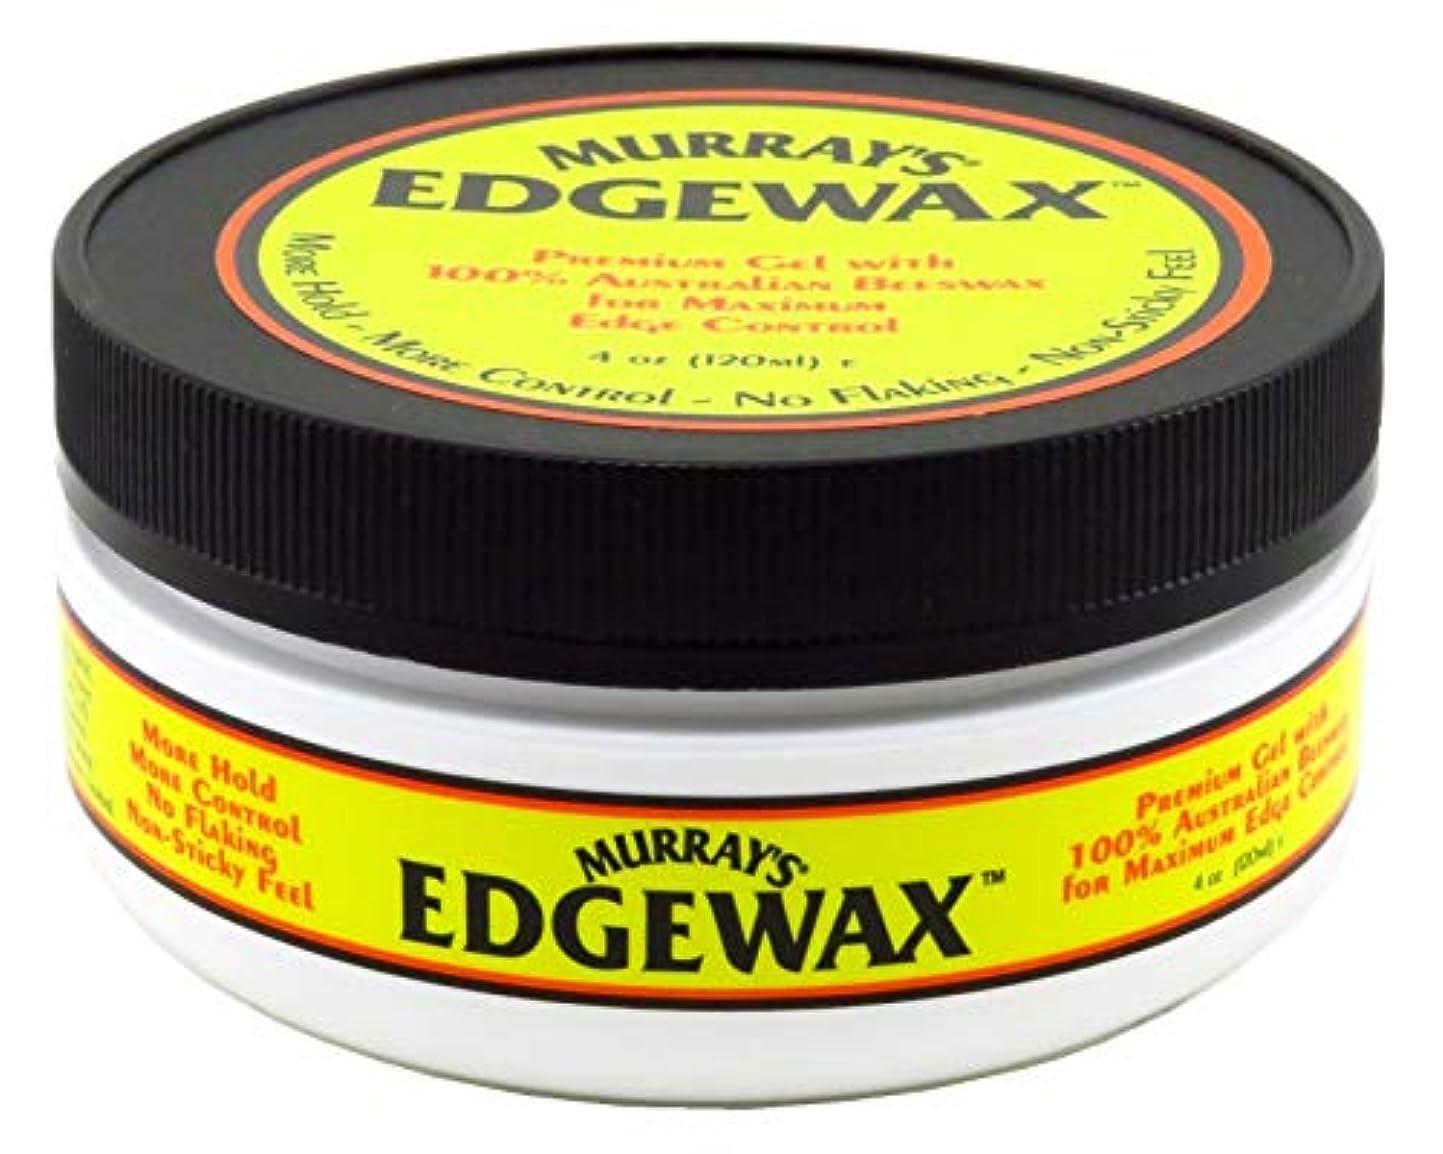 分配しますスライス報酬Murrays マレー'S Edgewax 100%オーストラリア蜜蝋、3パック